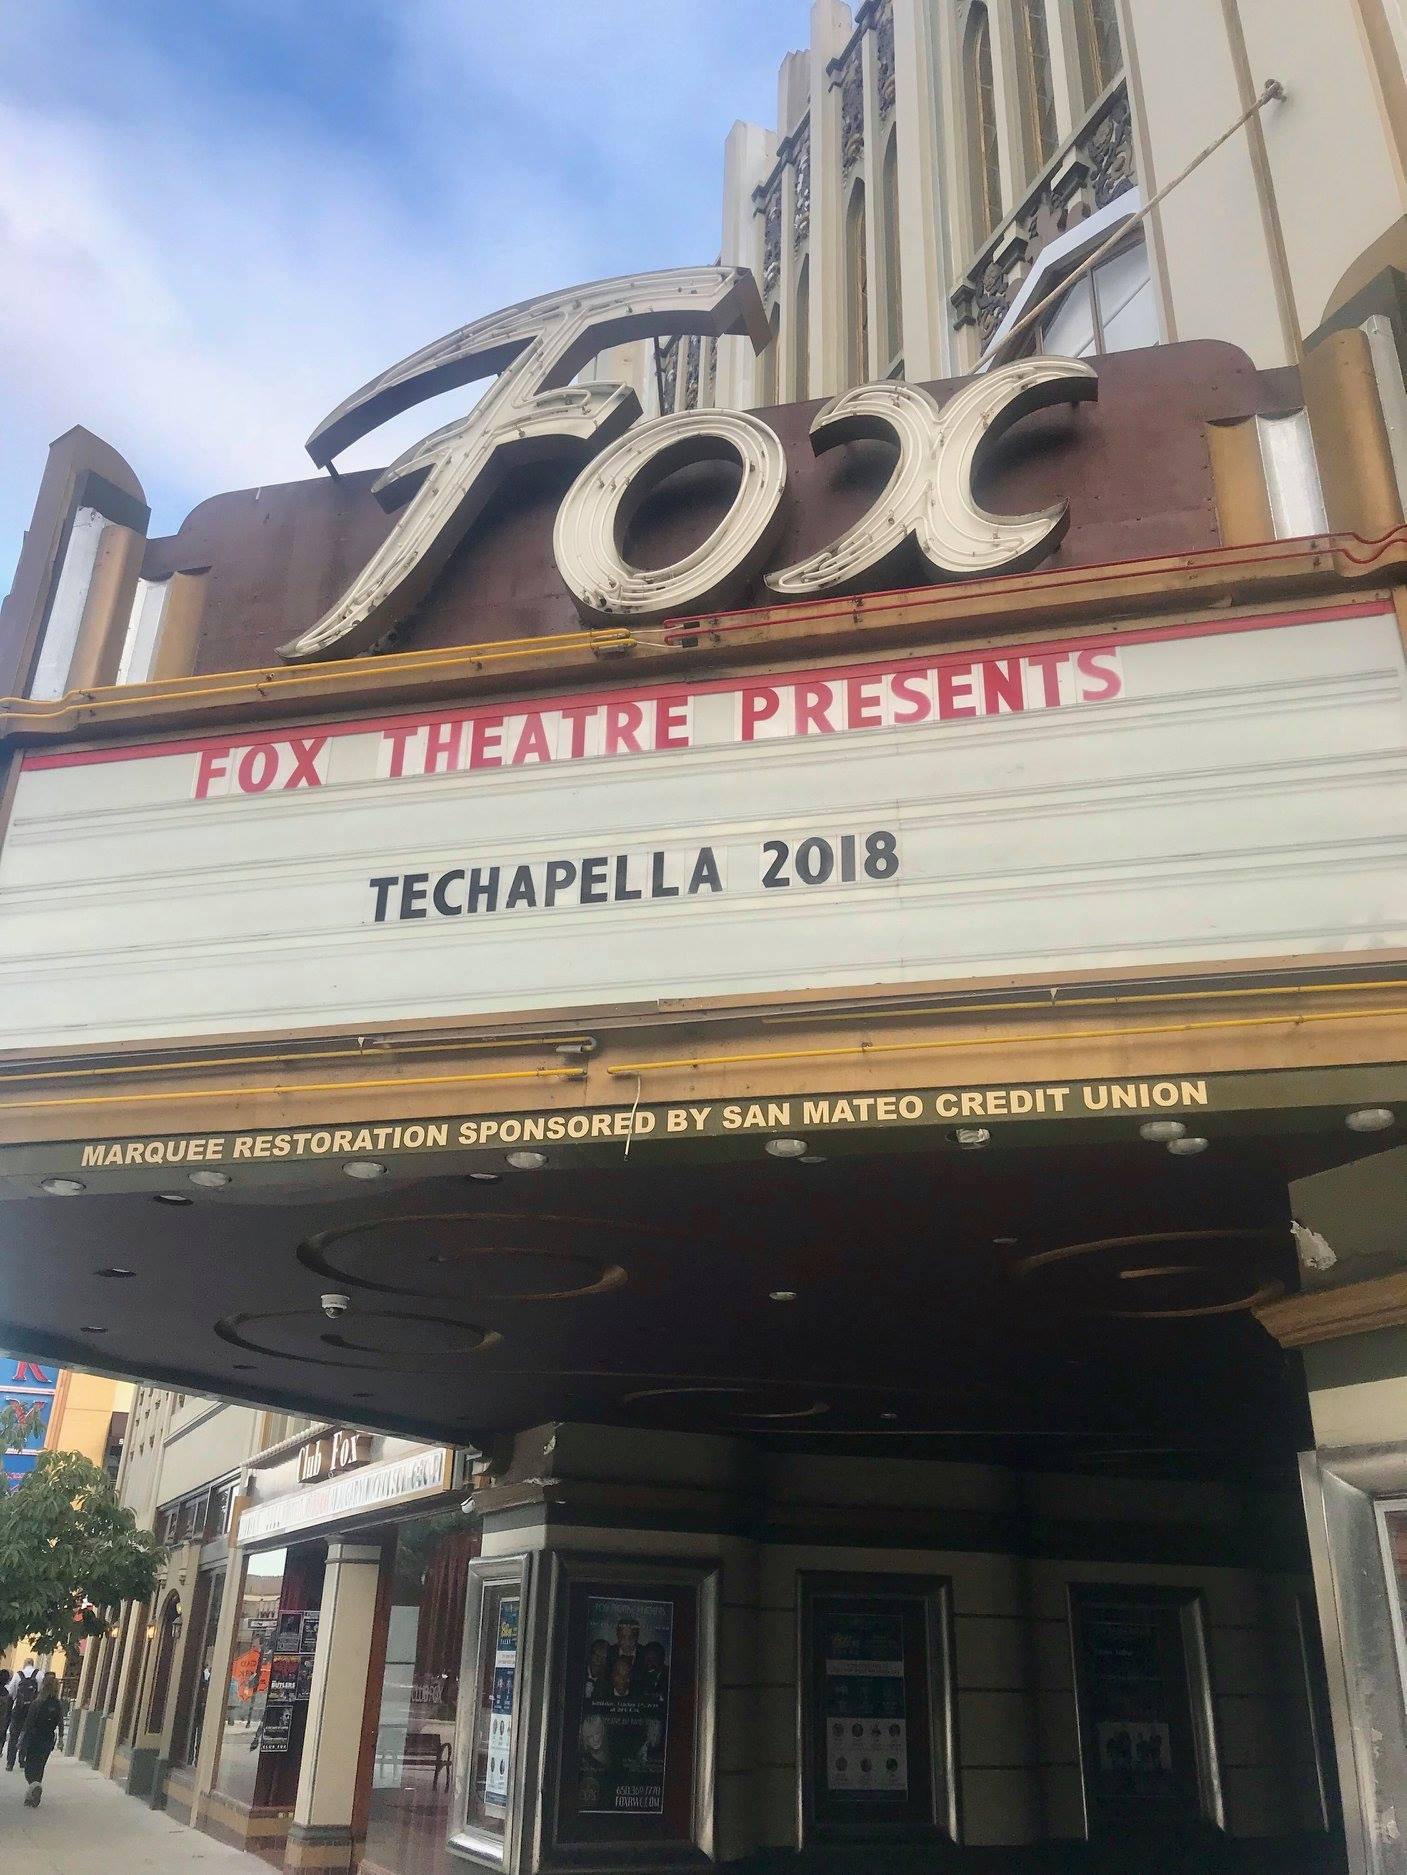 Techapella 2018